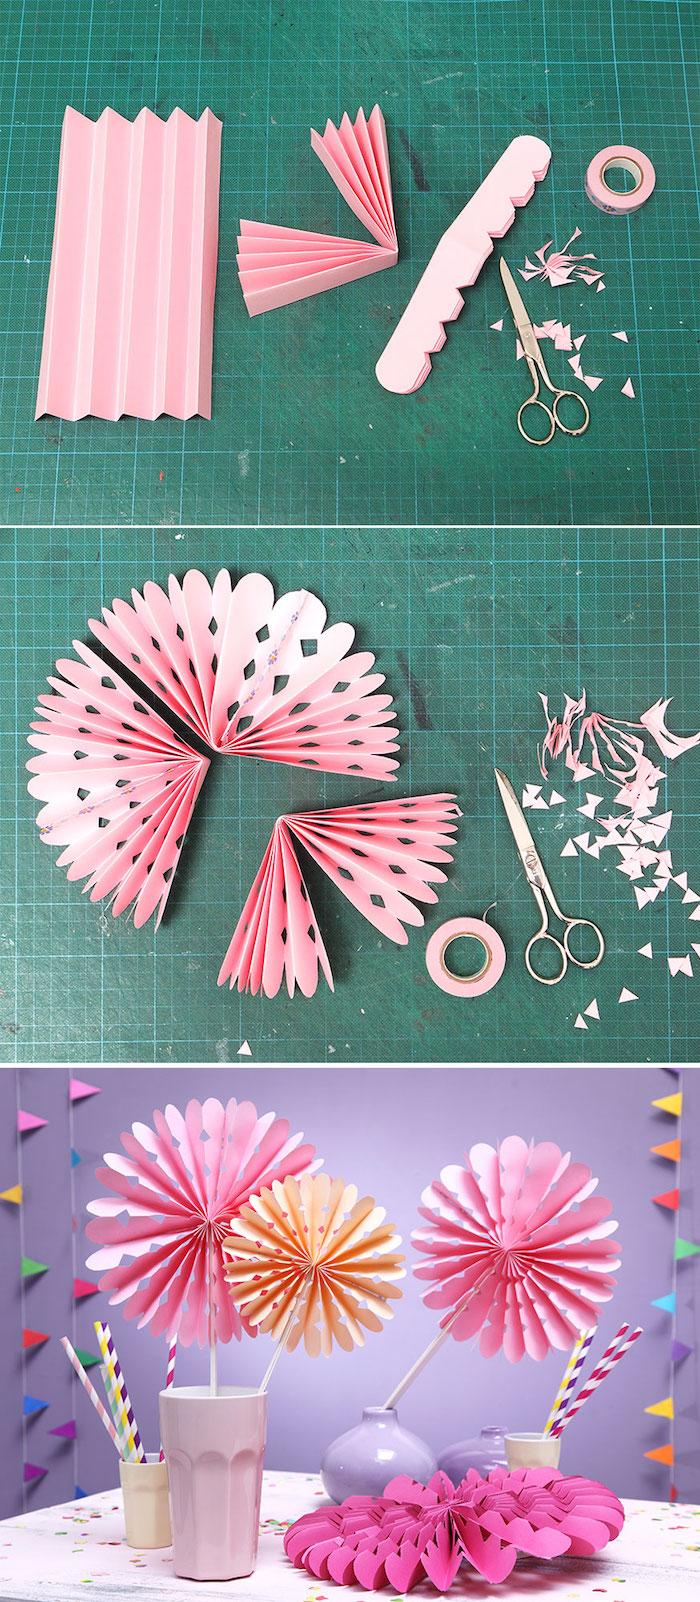 tutoriel pour fabriquer un éventail comme decoration table anniversaire, eventail en papier perforé imitation fleurs